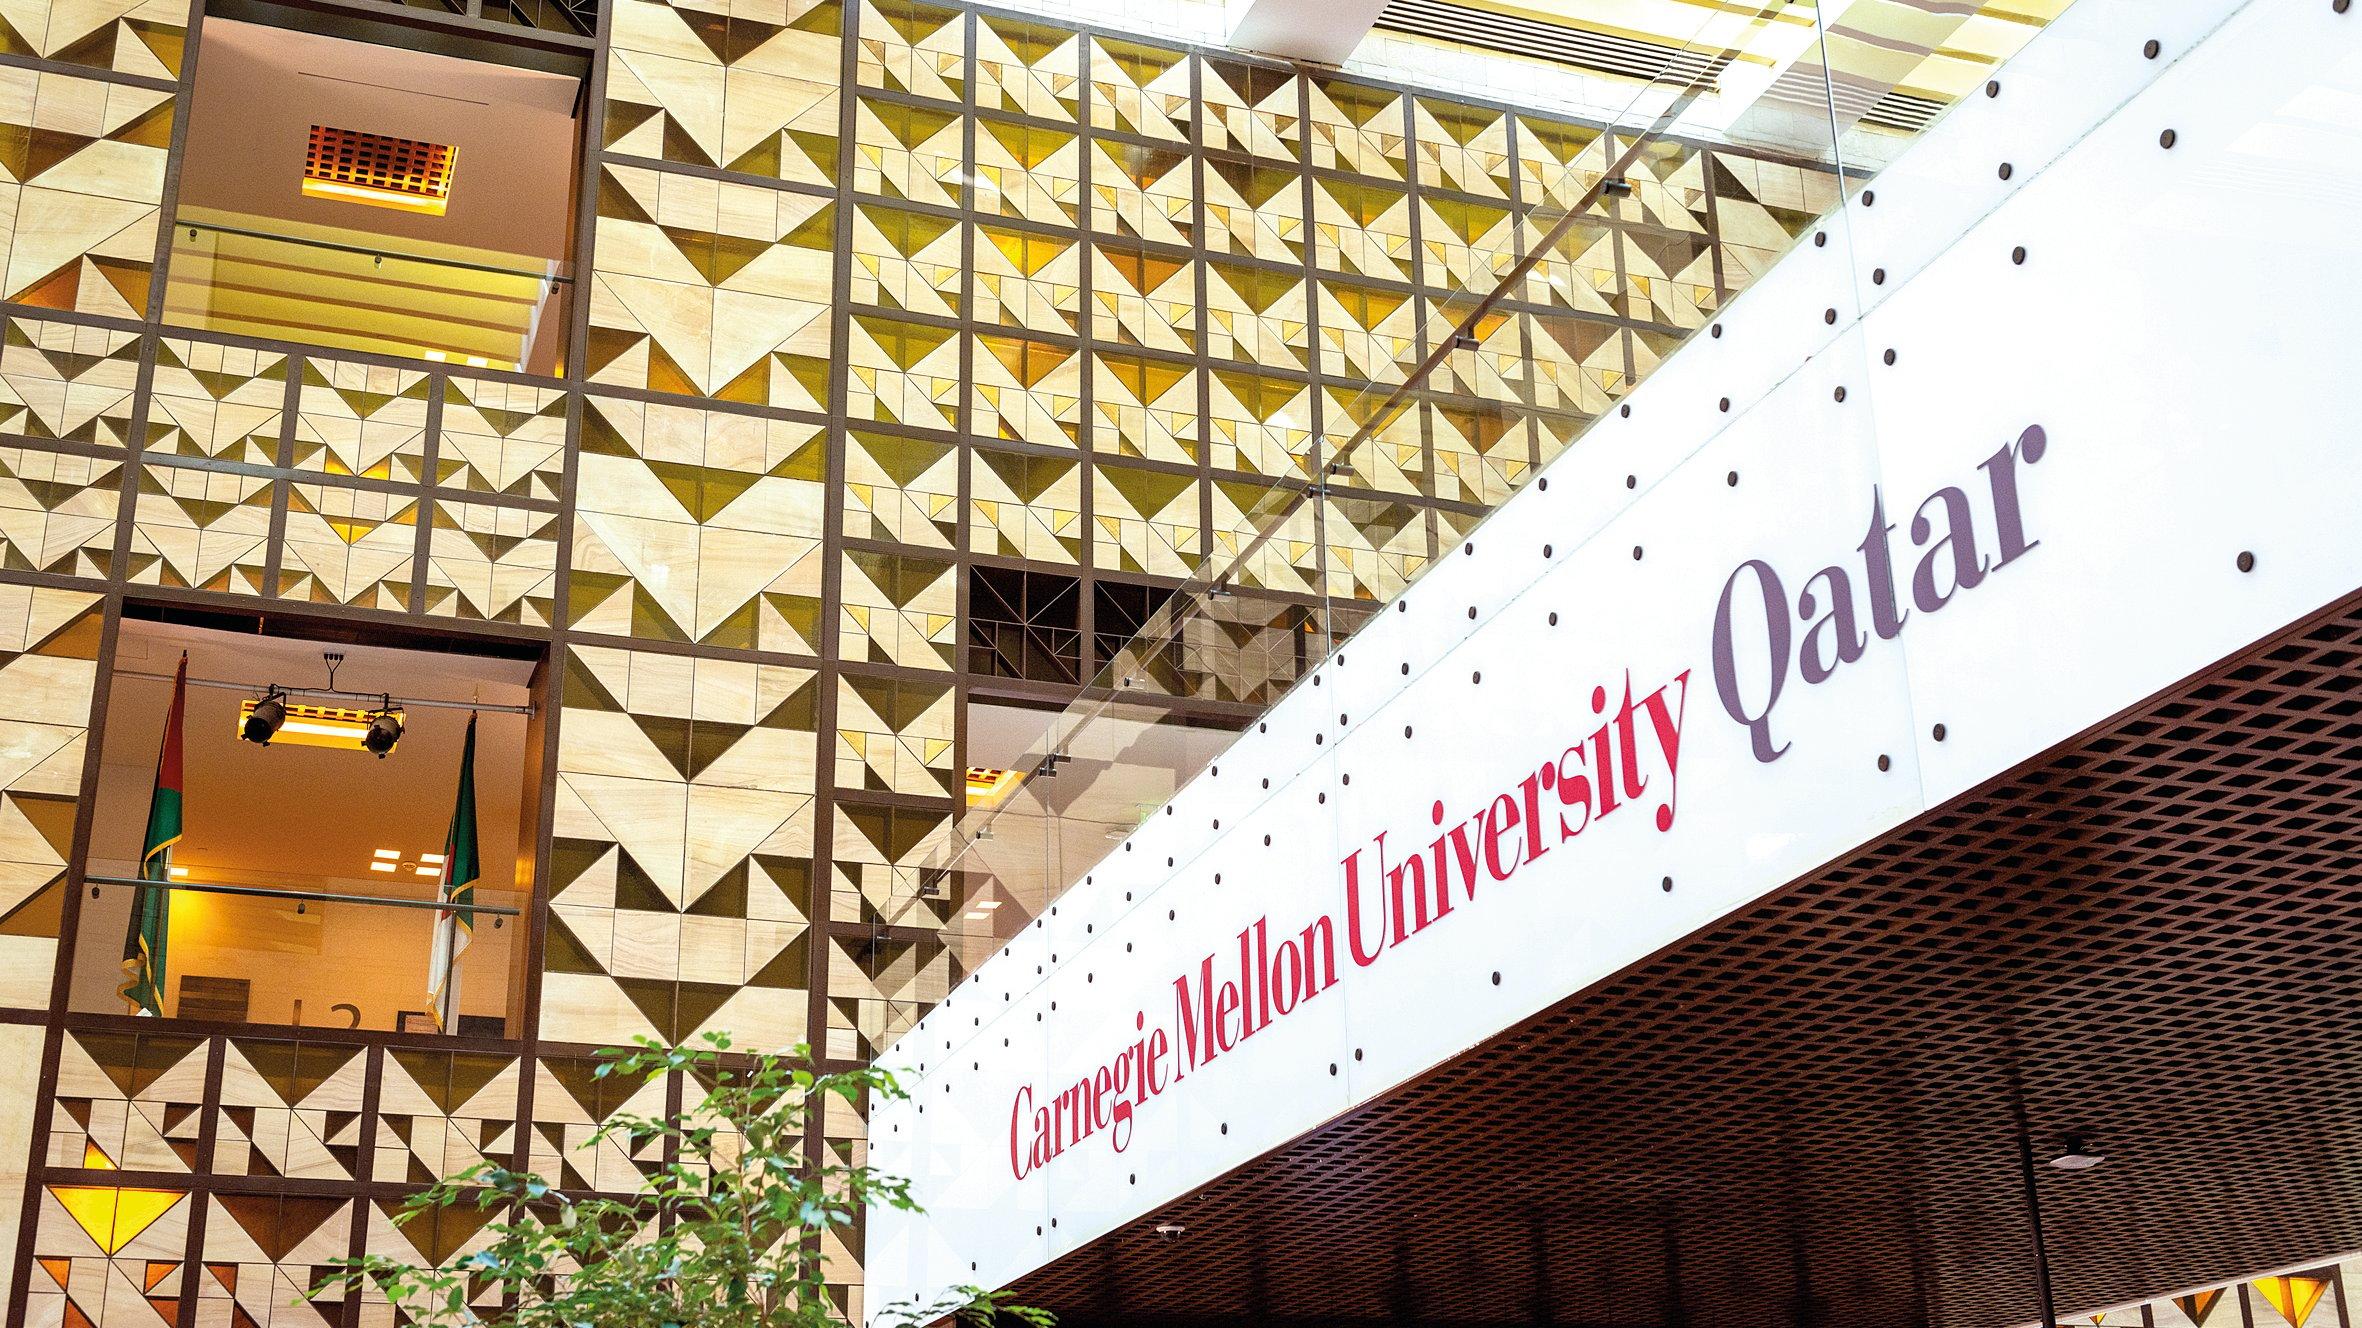 جامعة كارنيجي ميلون